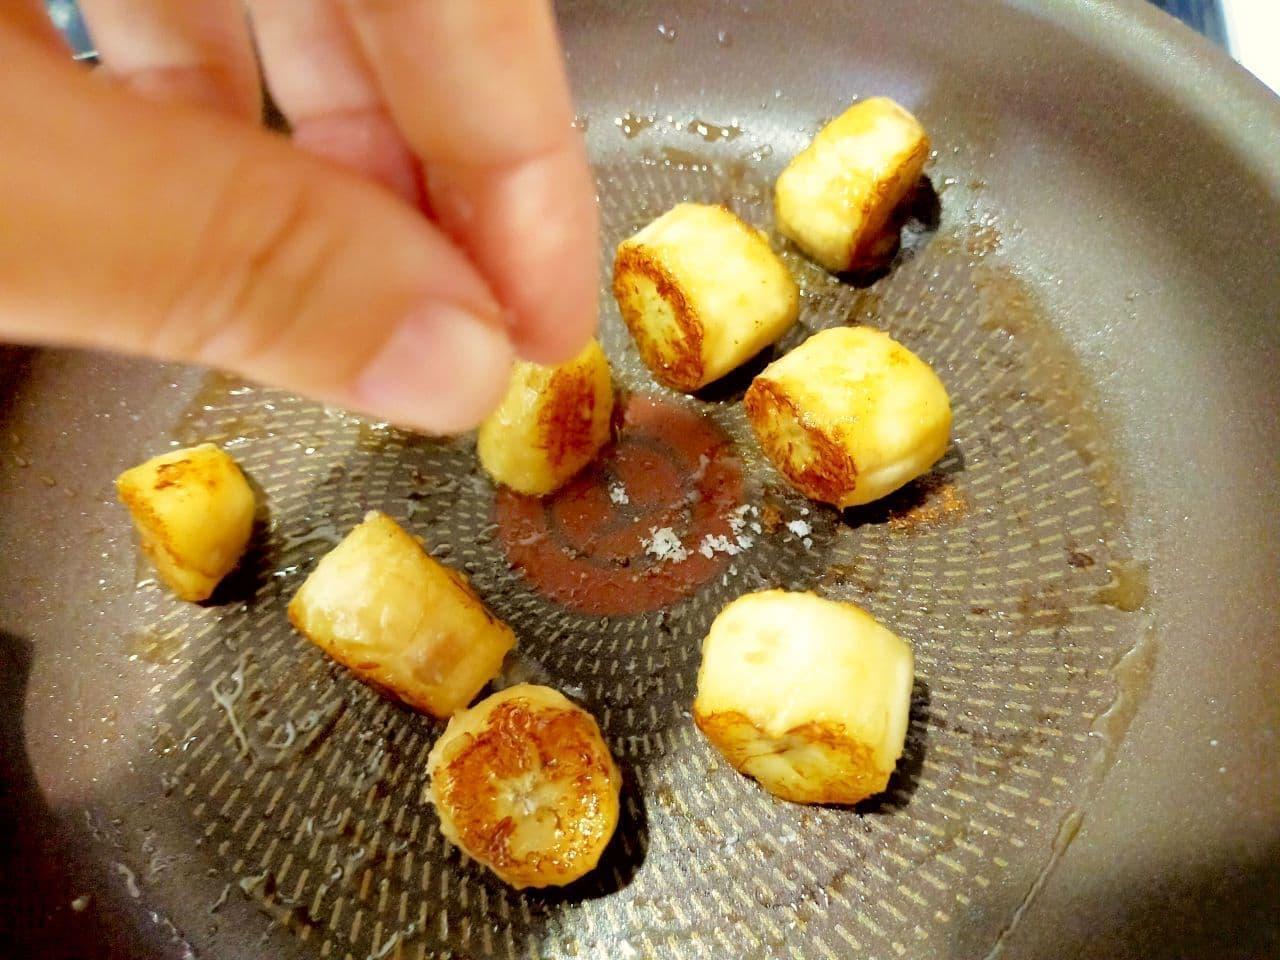 「塩バナナソテー」レシピ